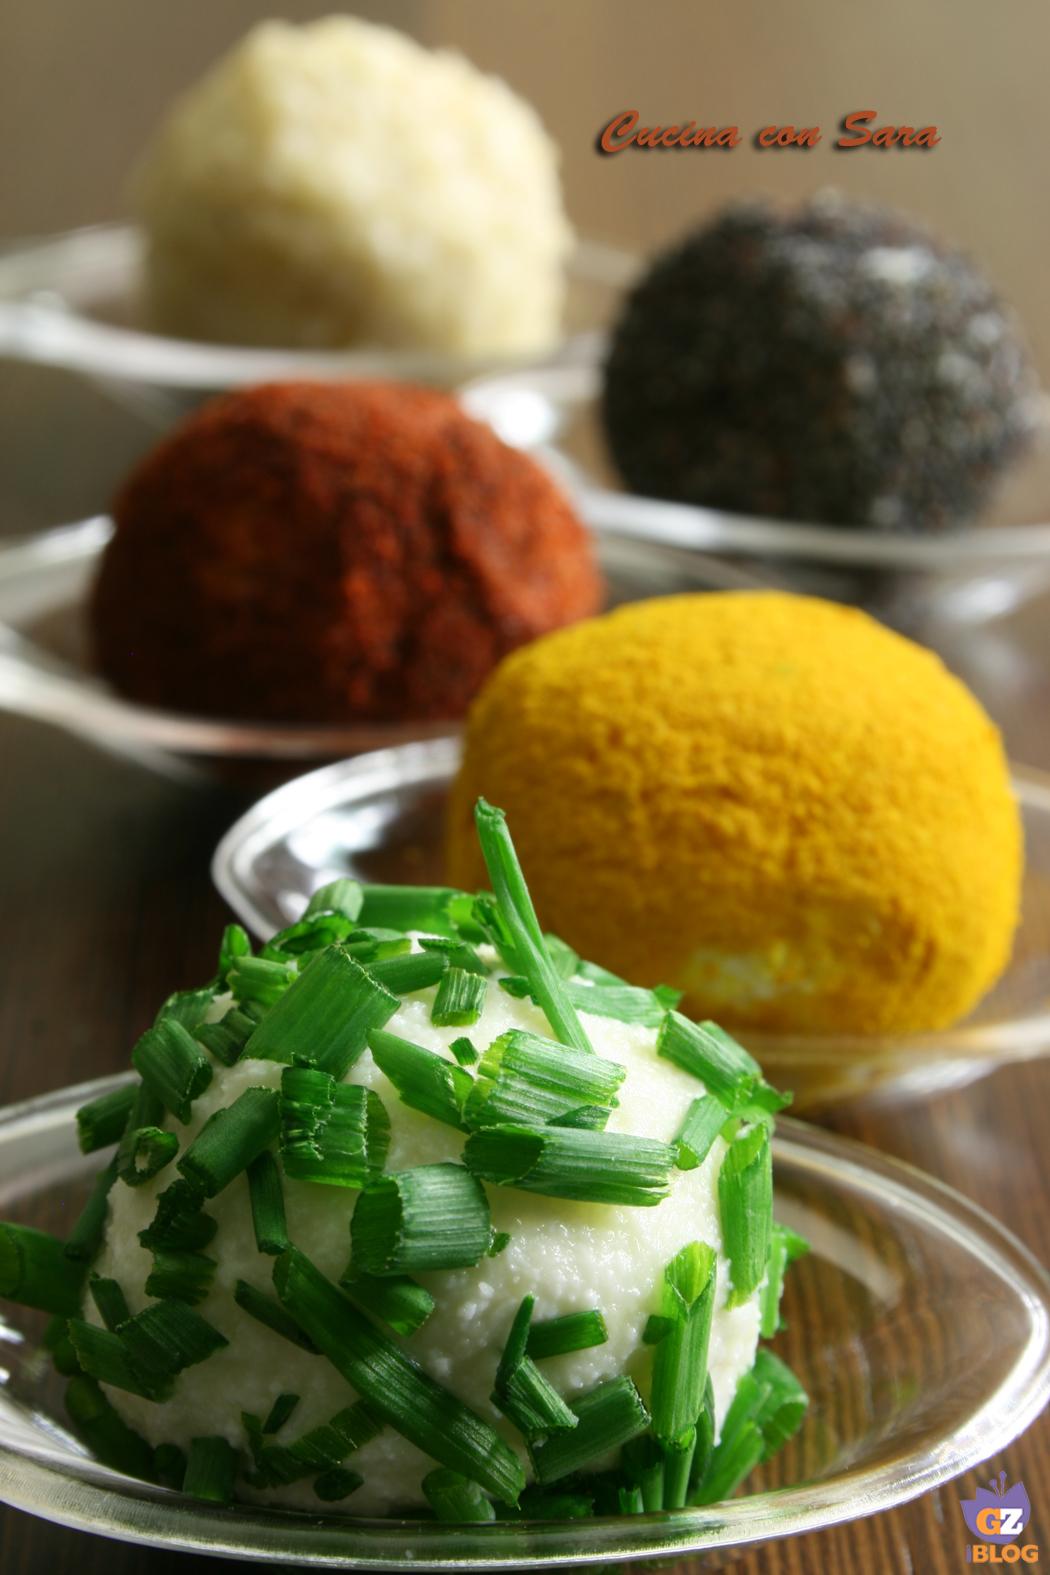 Palline di formaggio ricetta finger food cucina con sara - Cucina con sara ...